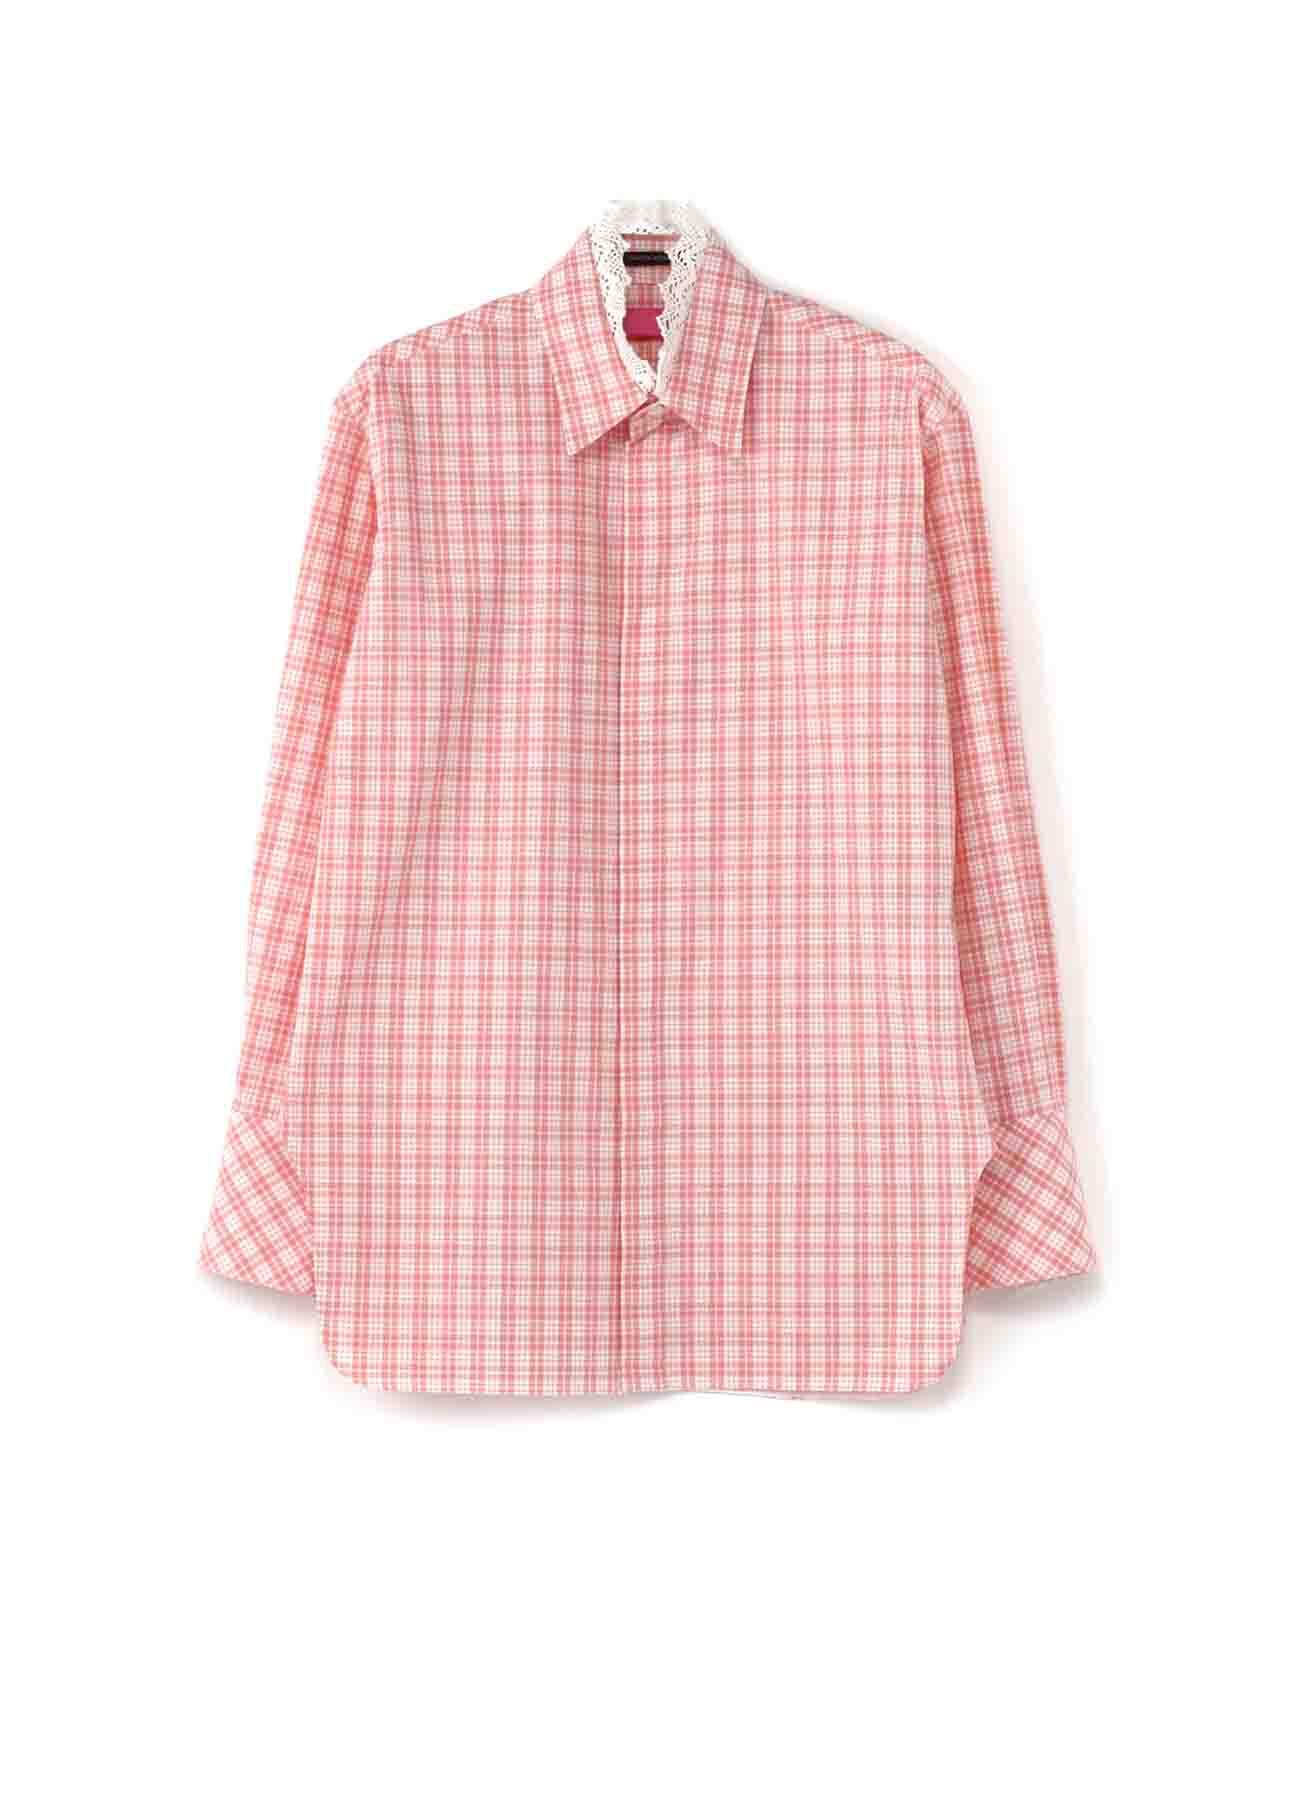 Y'sPINK 綿ギンガムチェック 衿レース付シャツ